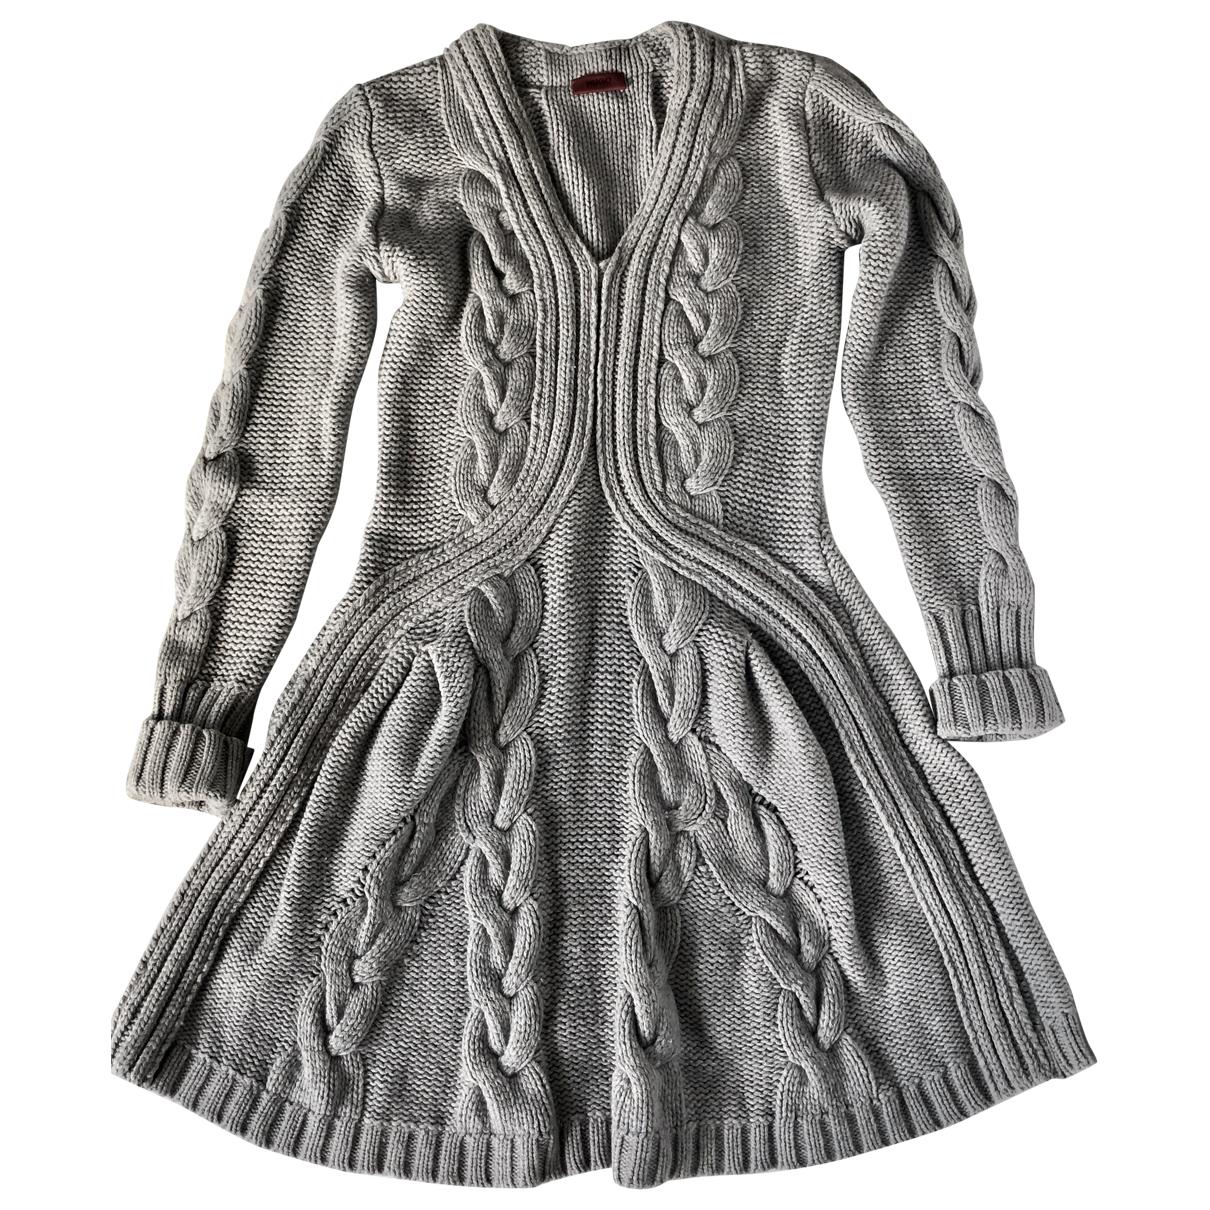 Hugo Boss \N Kleid in  Grau Wolle